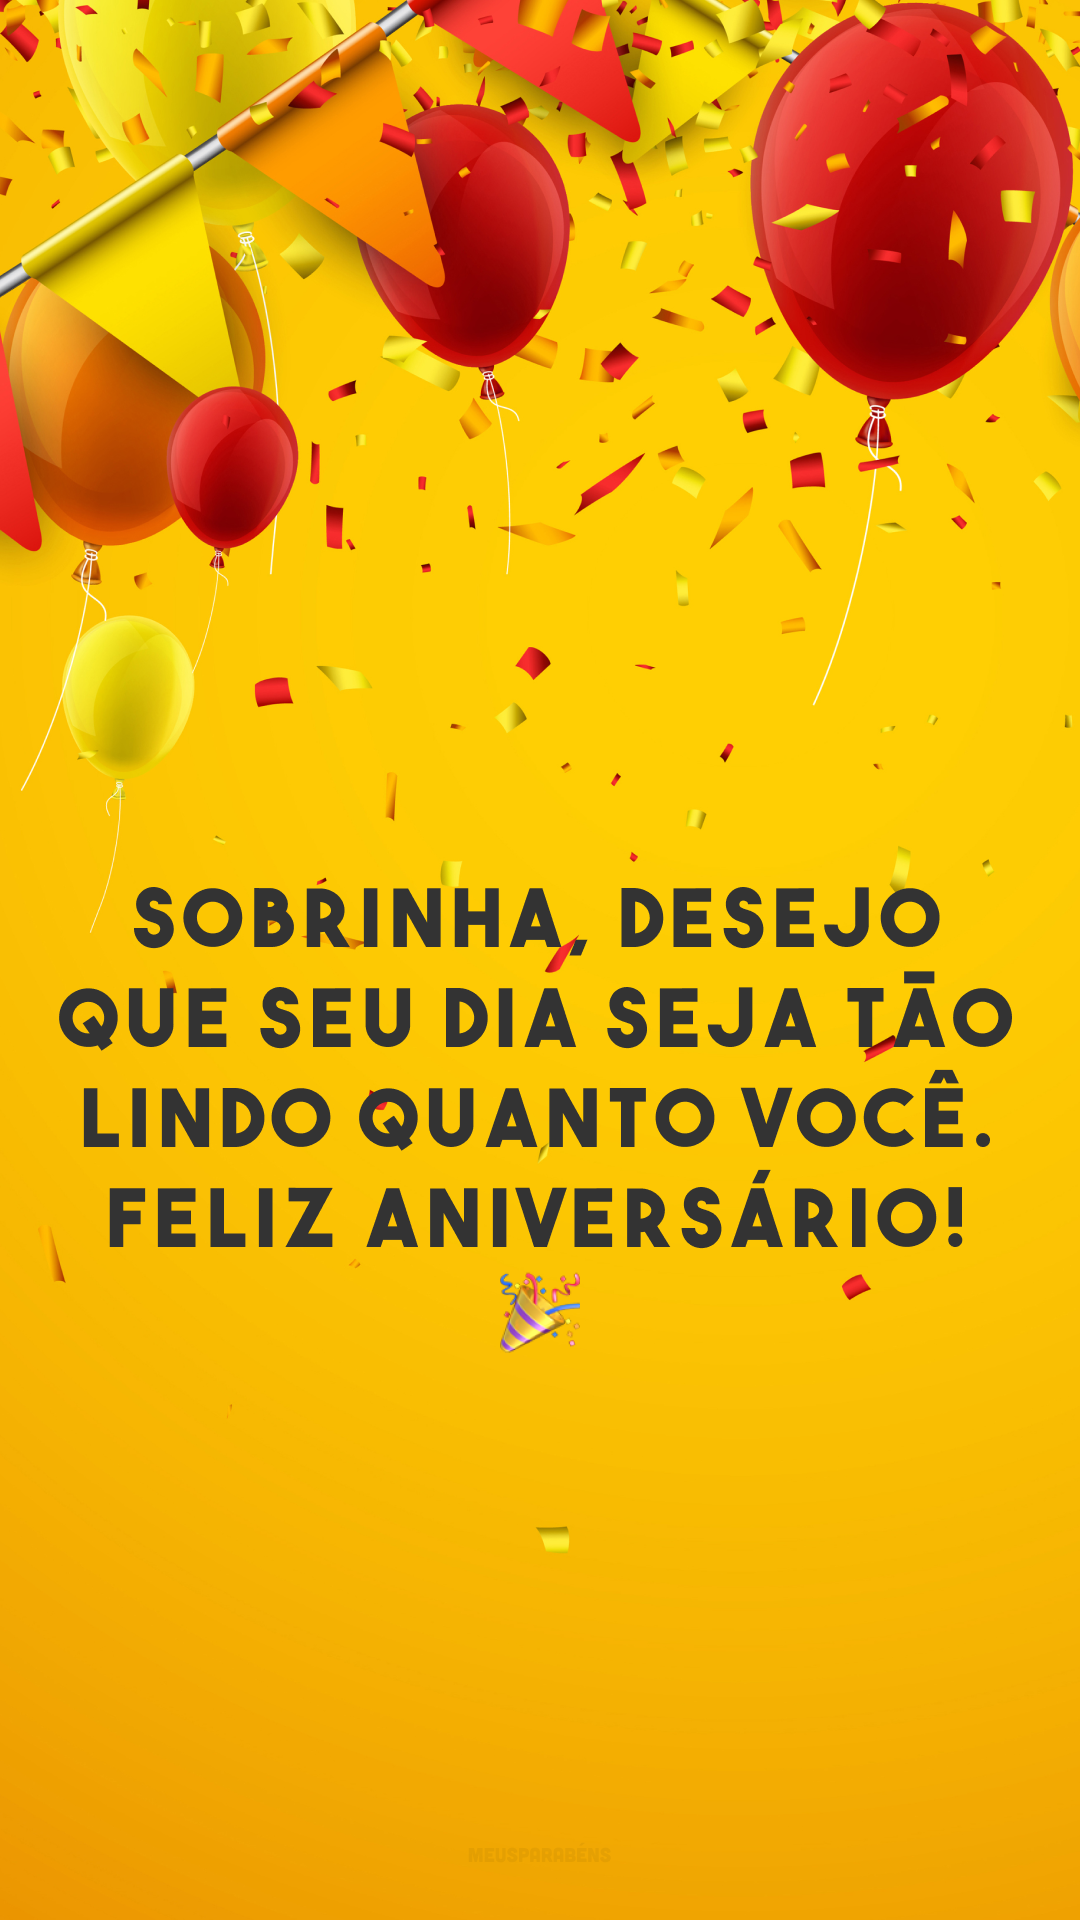 Sobrinha, desejo que seu dia seja tão lindo quanto você. Feliz aniversário! 🎉